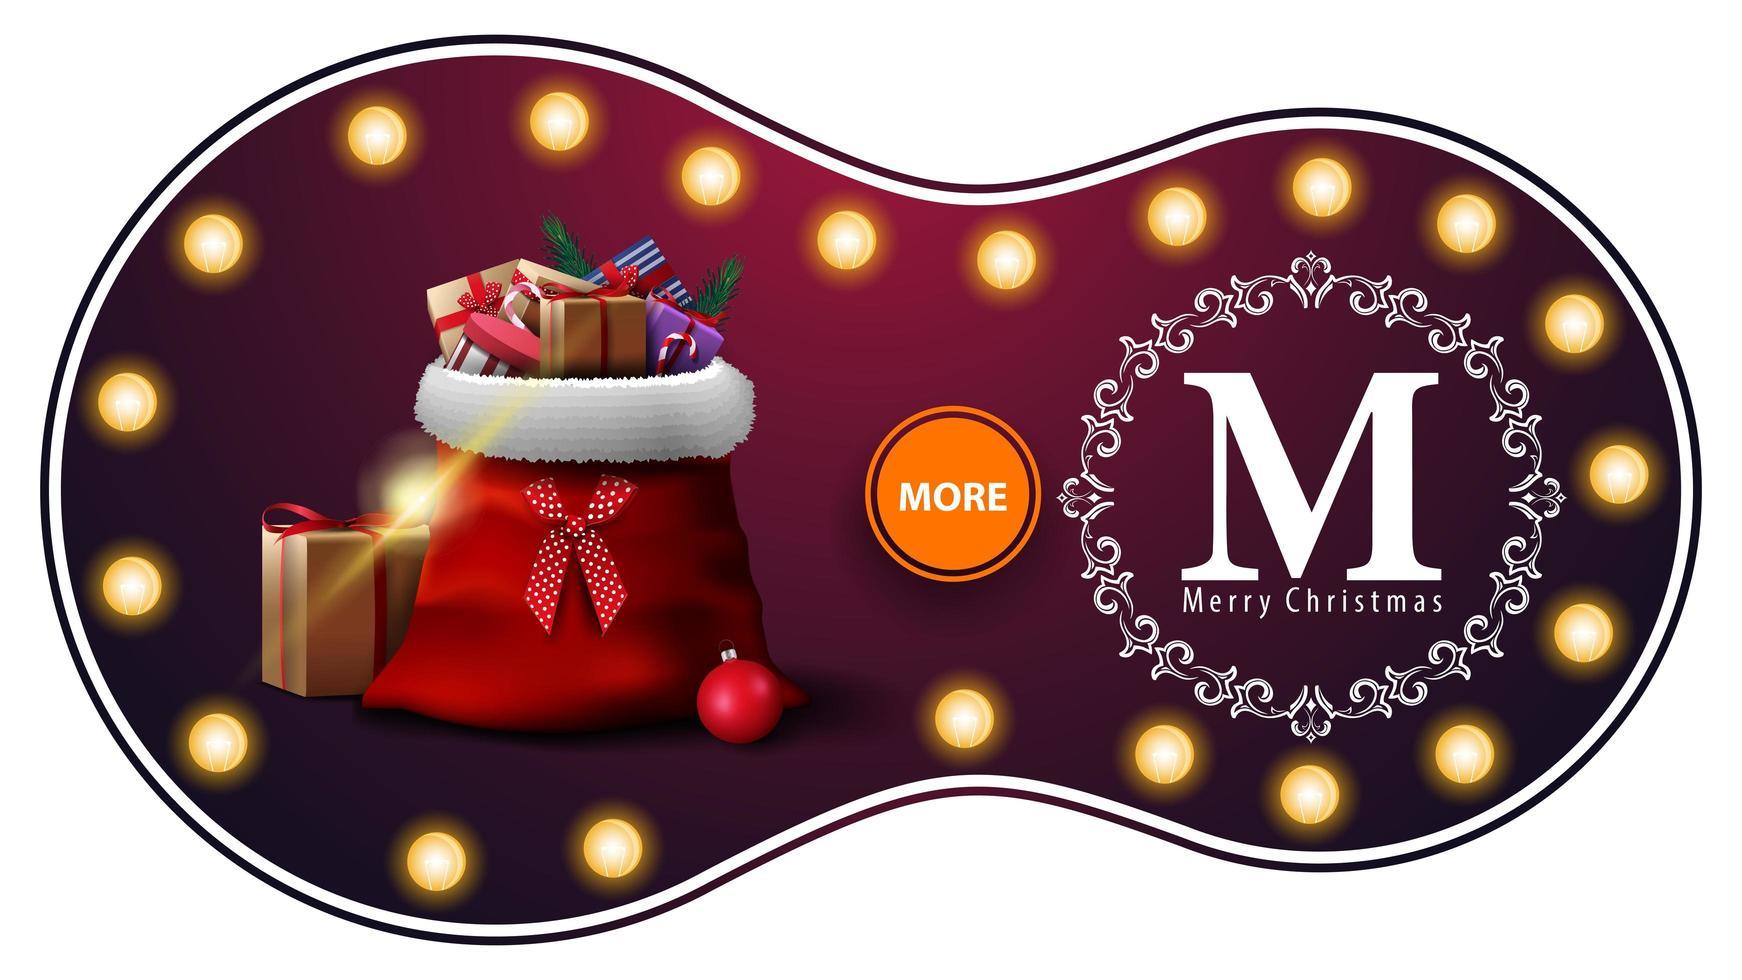 vrolijk kerstfeest, paarse kortingsbanner met gloeilampen, opengewerkte begroetingslogo en kerstmanzak met cadeautjes vector